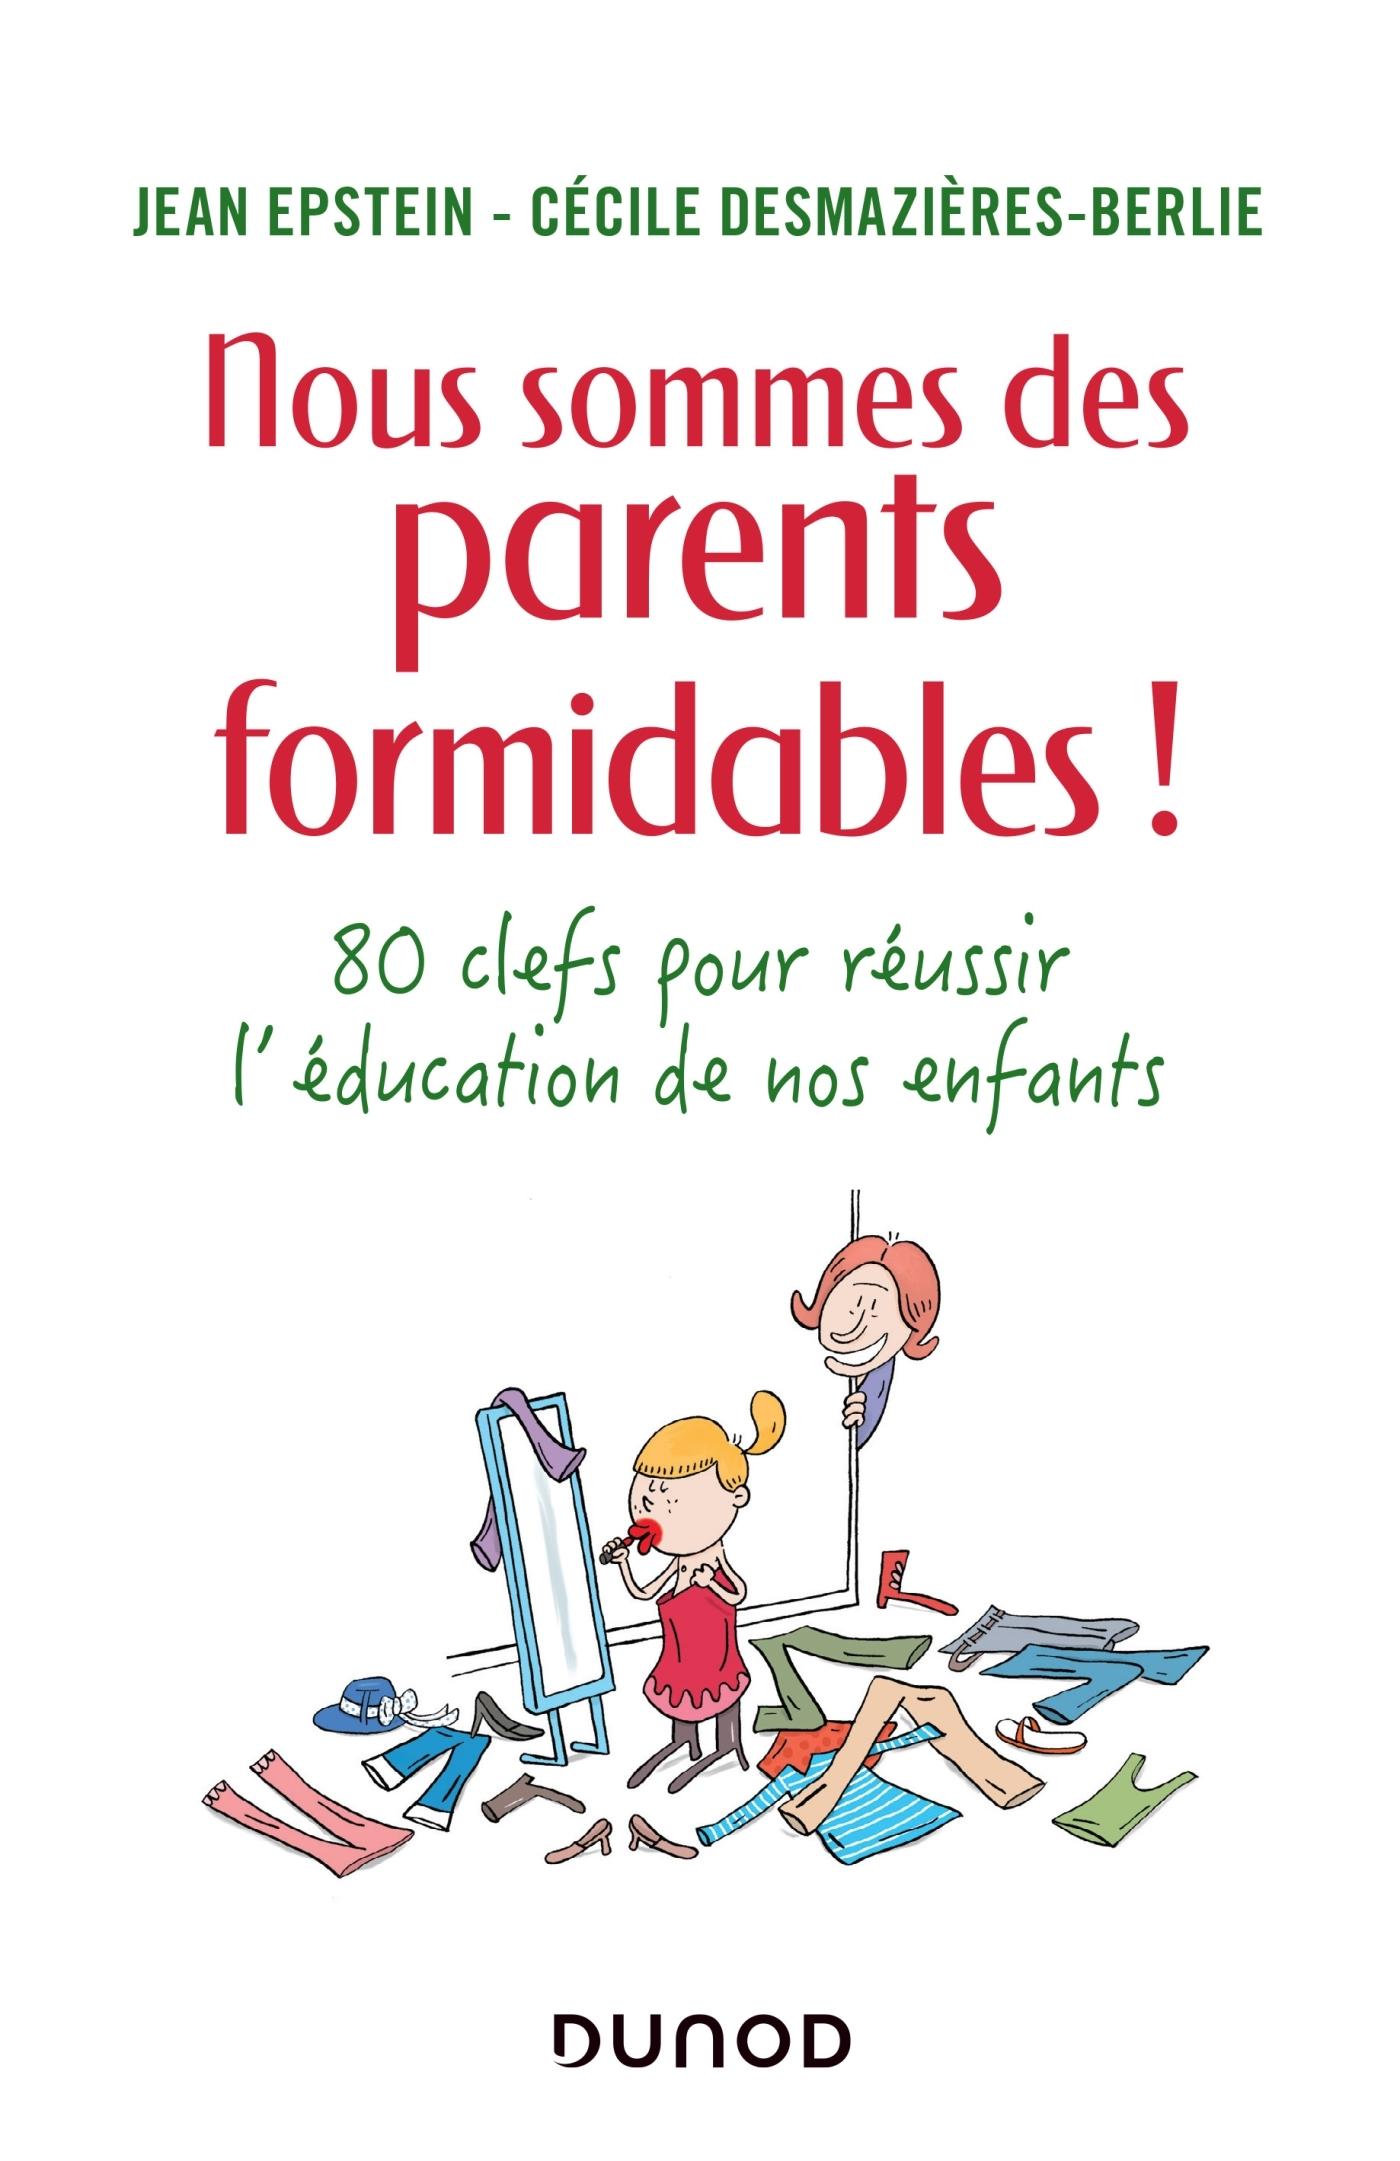 NOUS SOMMES DES PARENTS FORMIDABLES ! 80 CLES POUR REUSSIR L'EDUCATION DE NOS ENFANTS